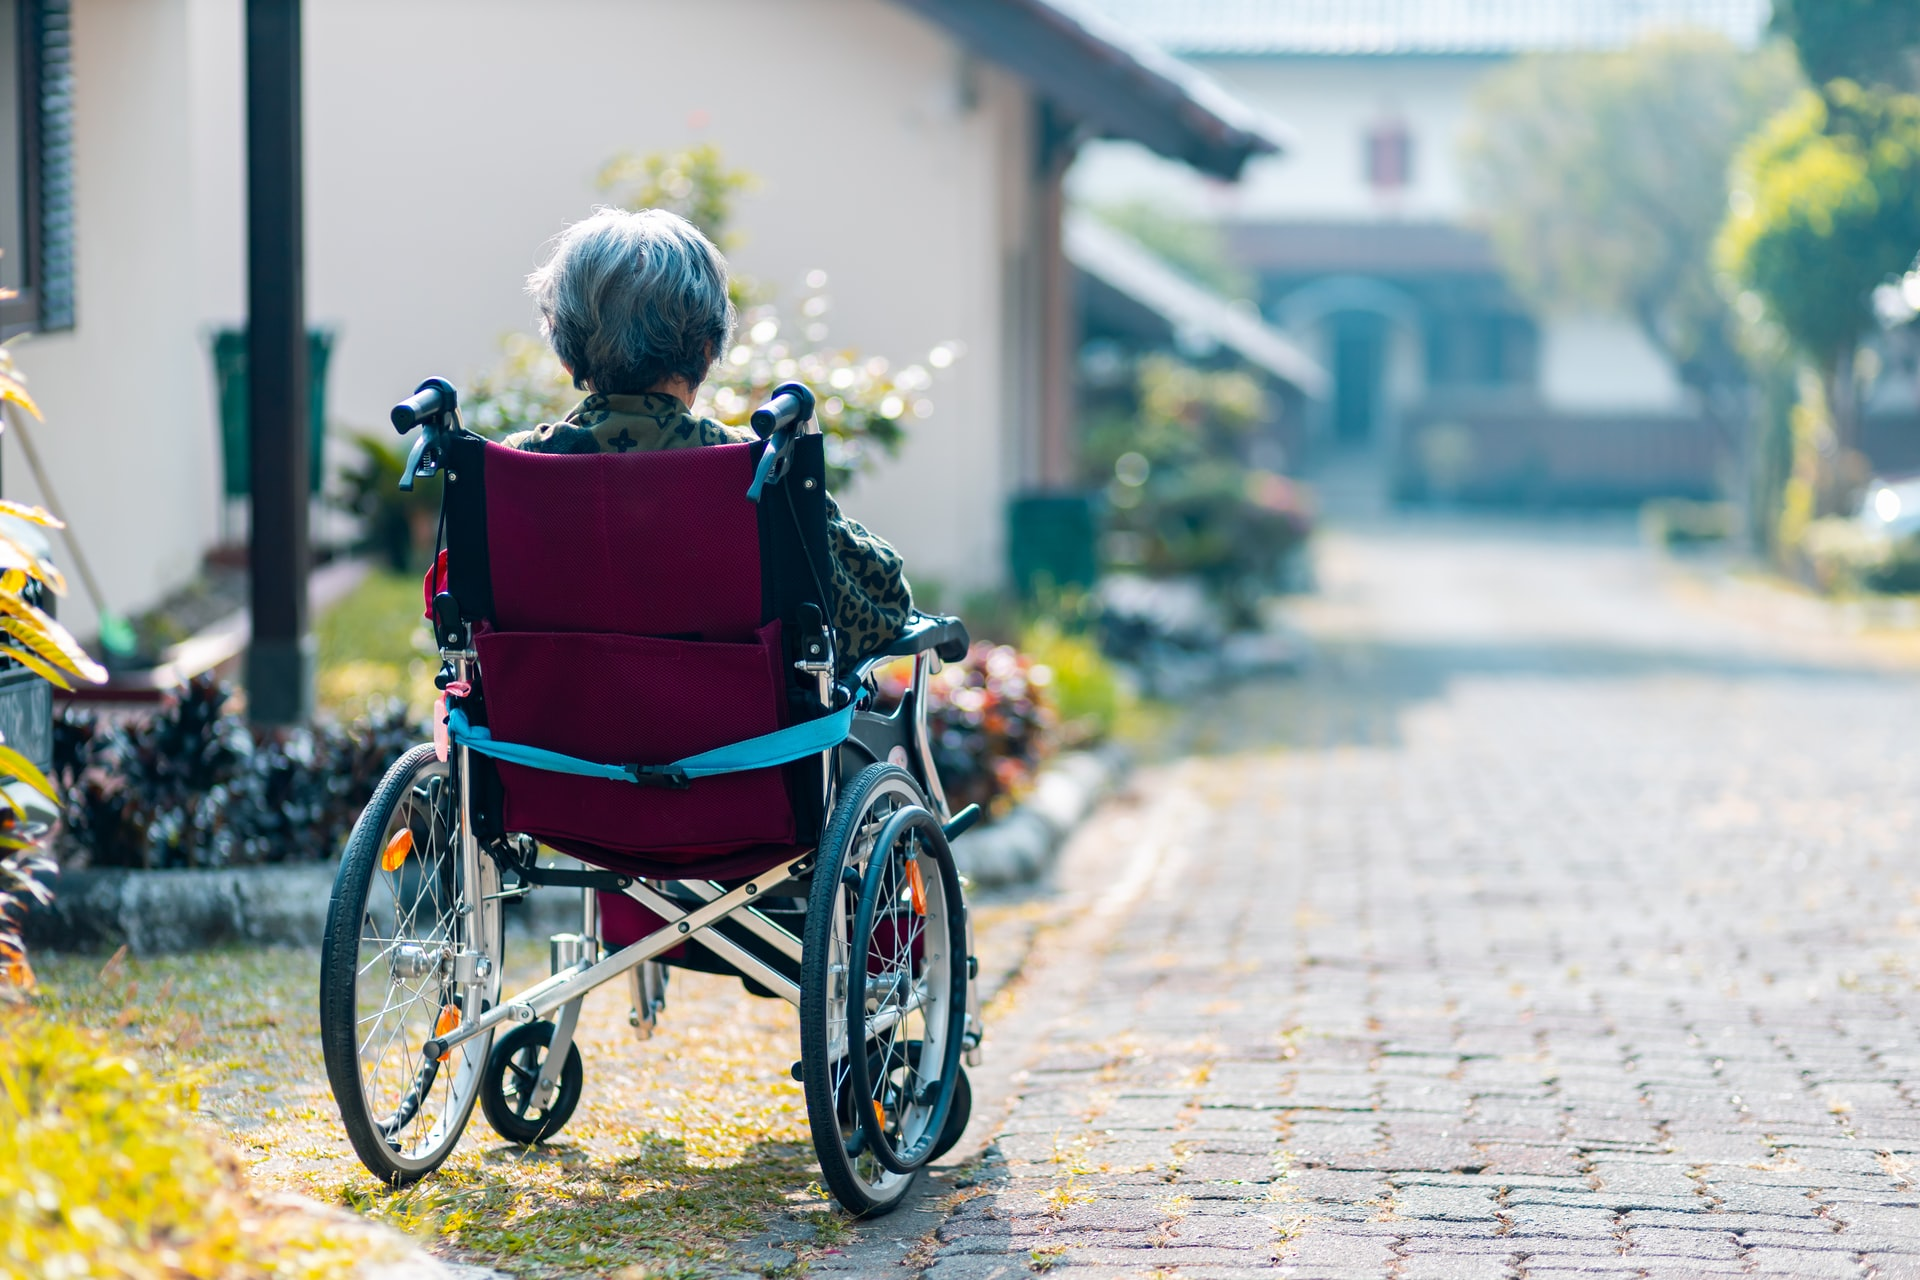 delirium in older persons